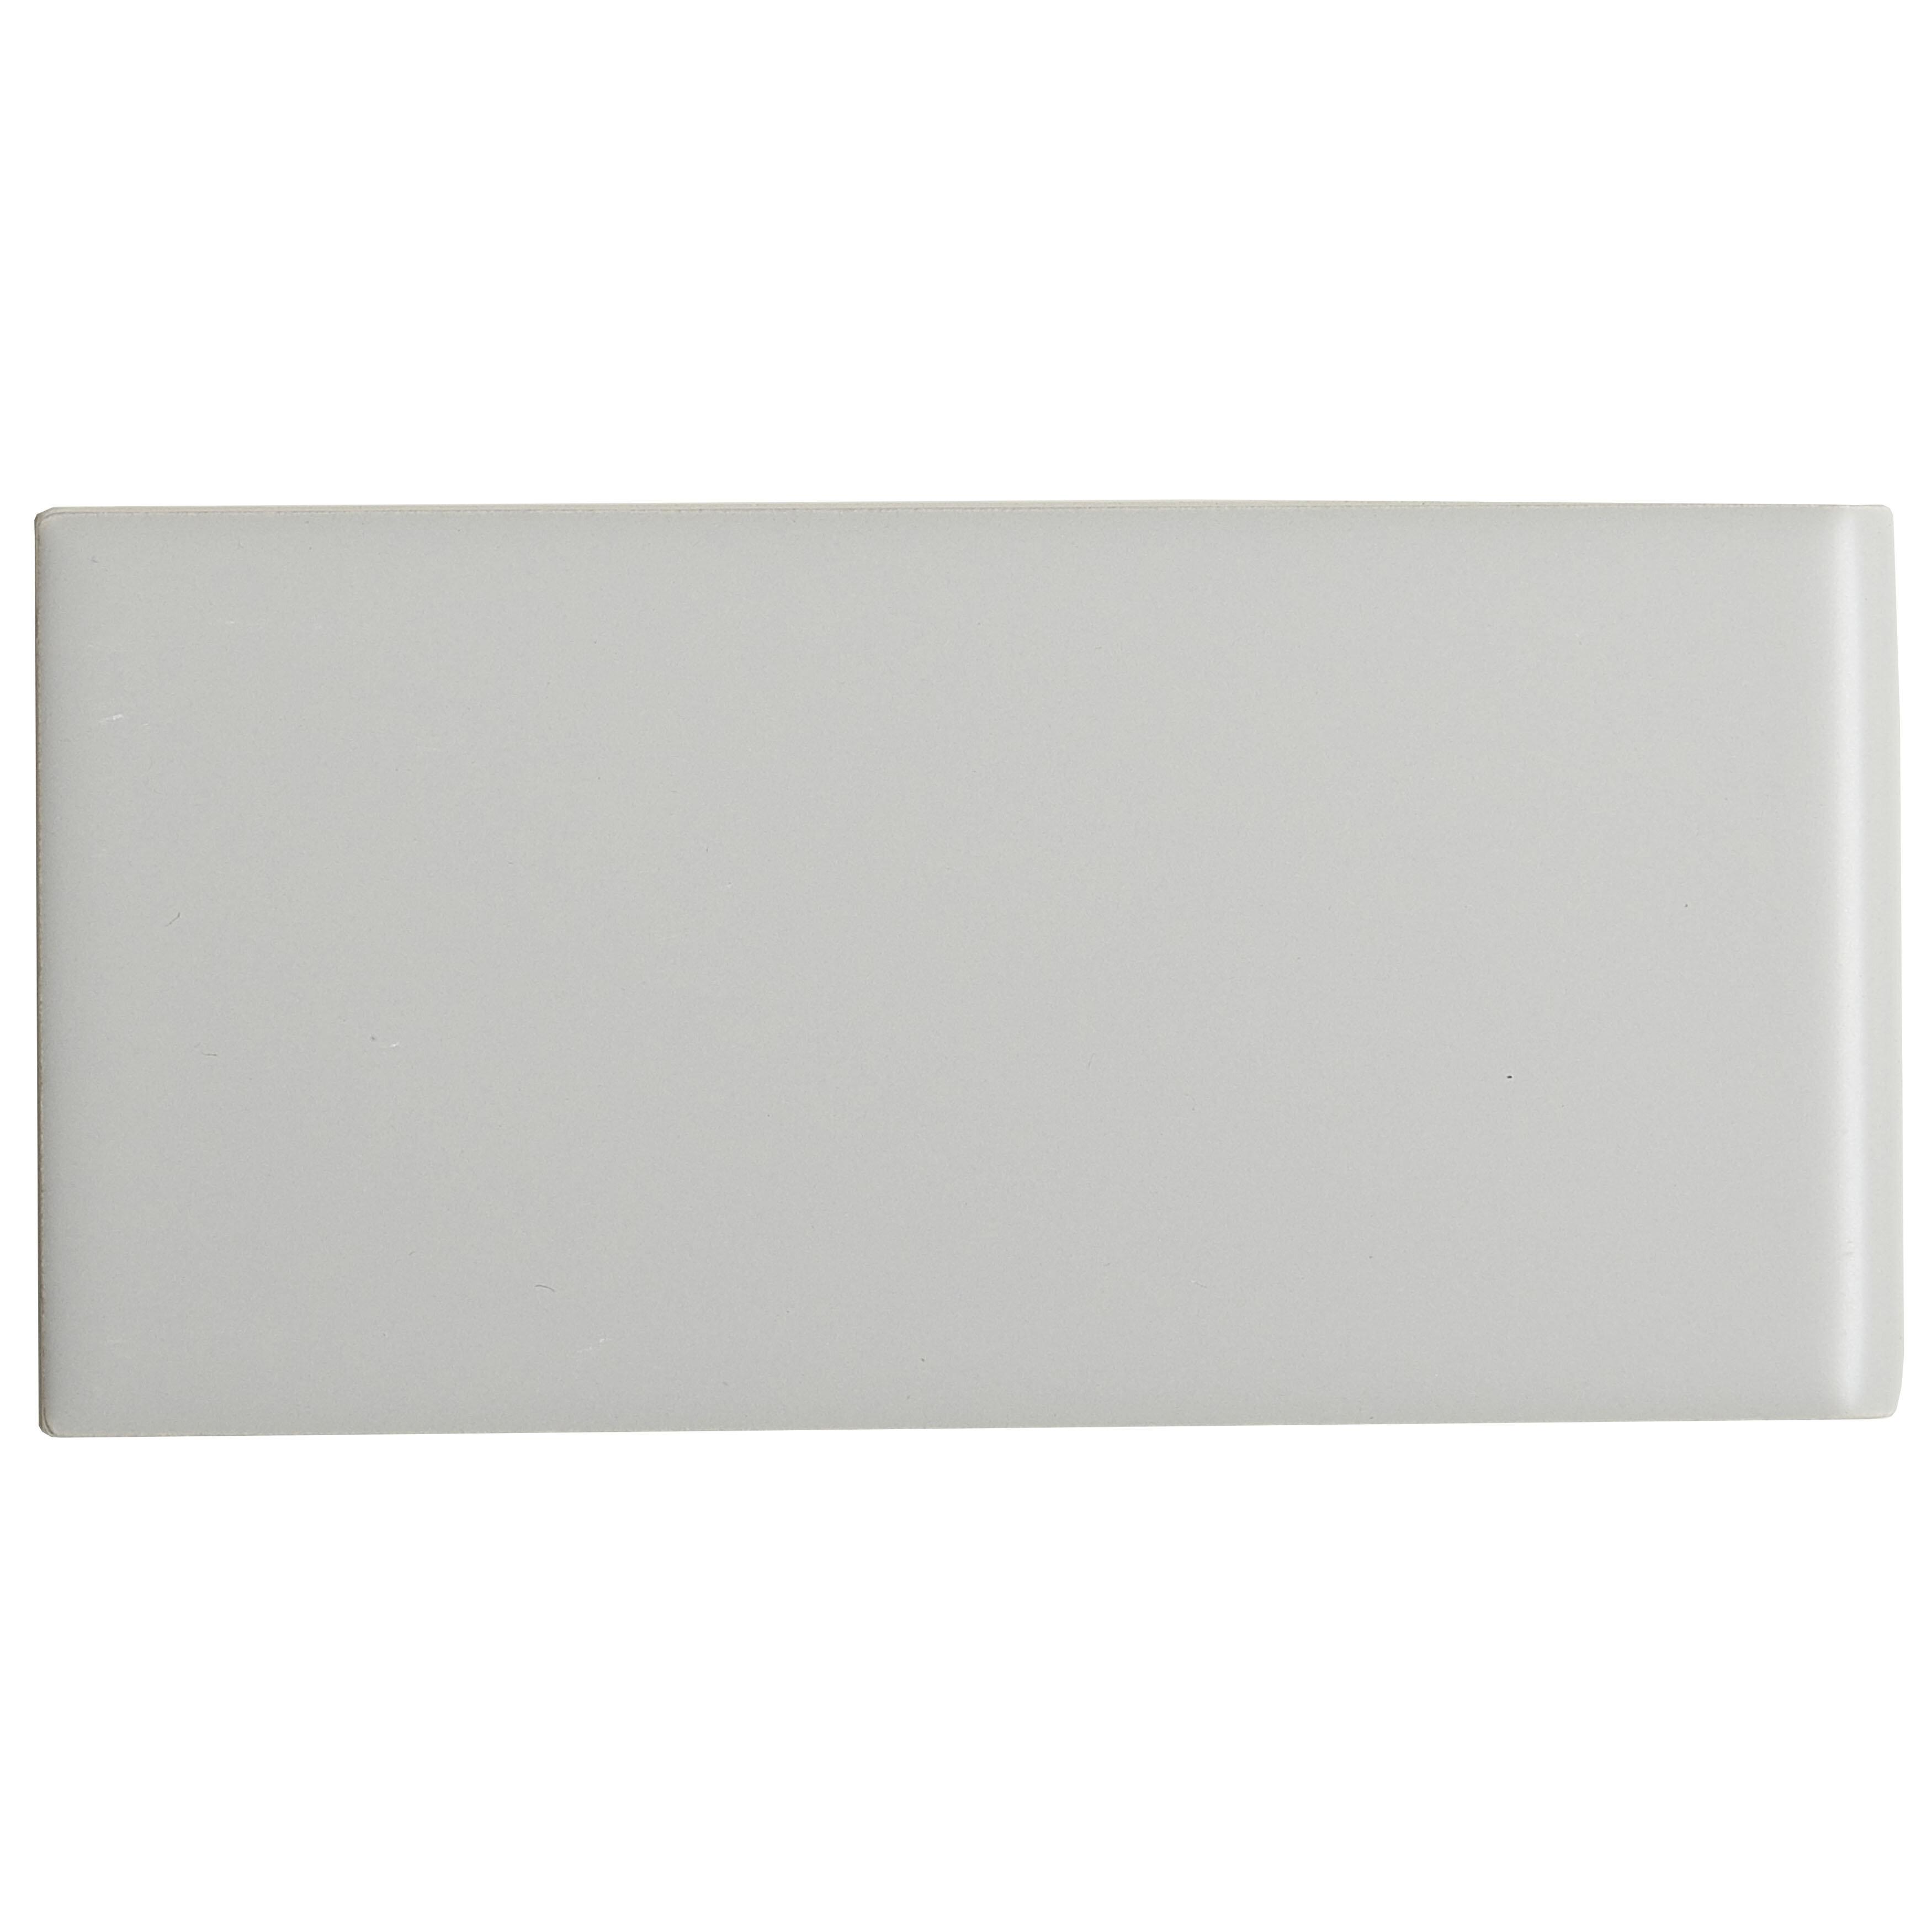 Itona Tile Guilford 6 X 3 Ceramic Bullnose Tile Trim In Gray Wayfair